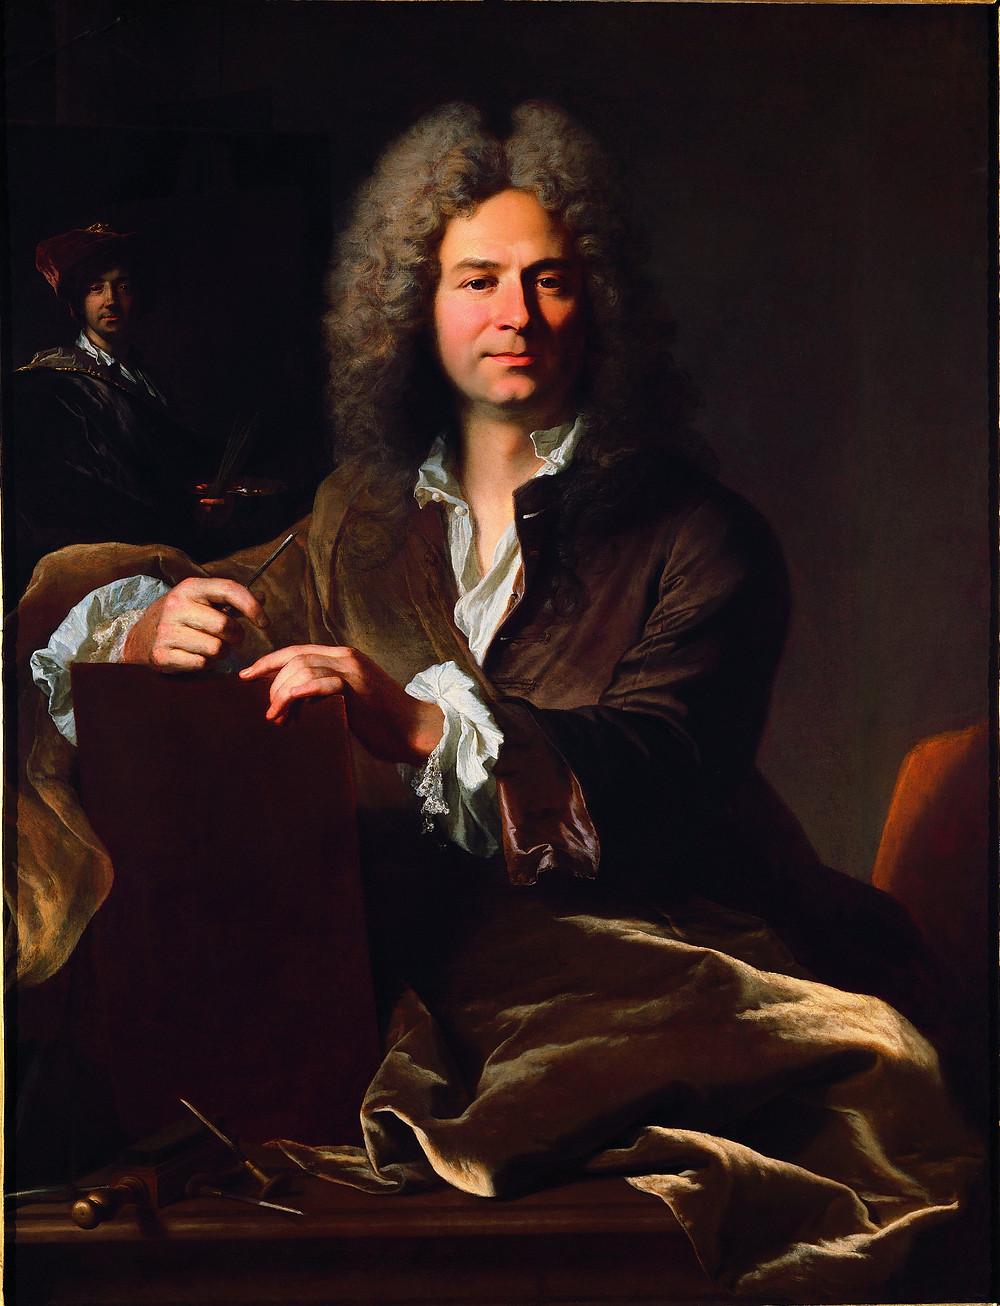 Hyacinthe Rigaud, Portrait de Pierre Drevet, vers 1700, Lyon, musée des Beaux-Arts, inv. A 2865